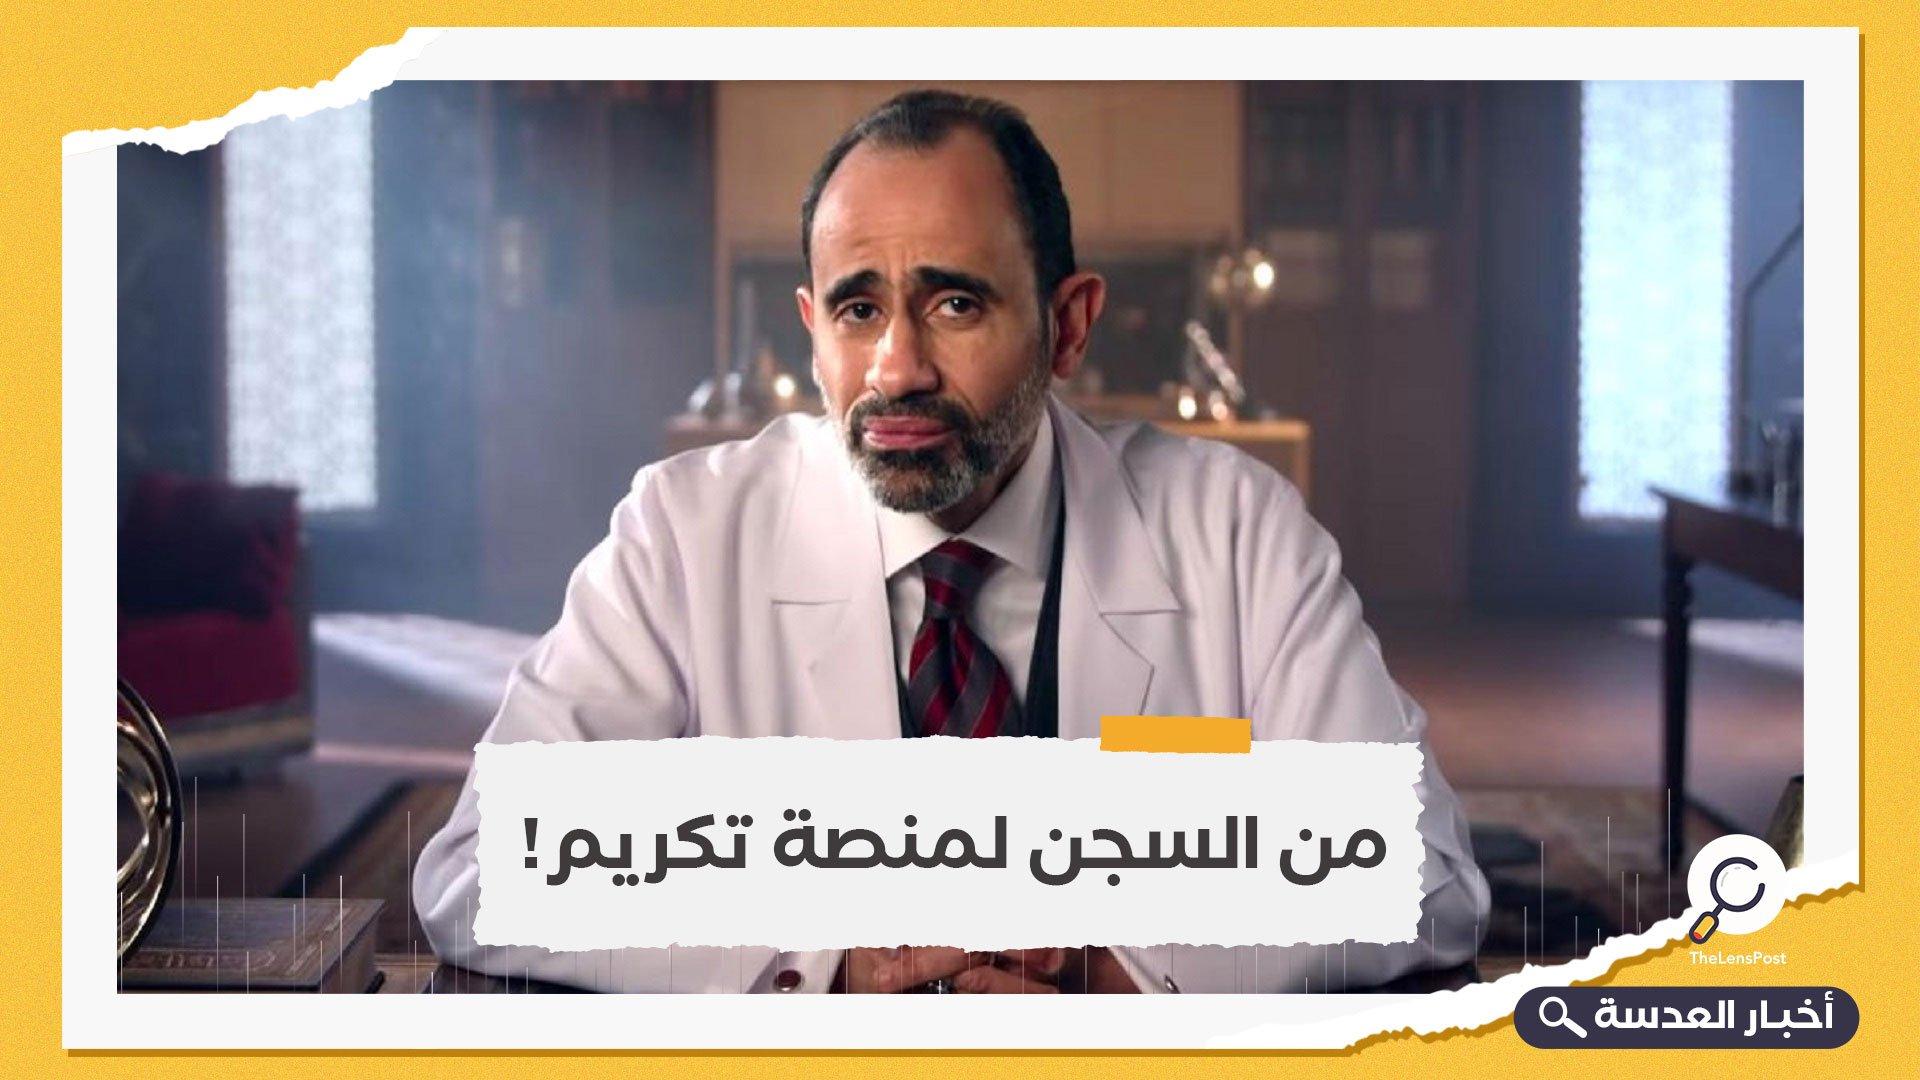 """بعد اعتقاله وتعذيبه.. السعودية تمنح """"وليد فتيحي"""" جائزة الملك عبد العزيز!"""